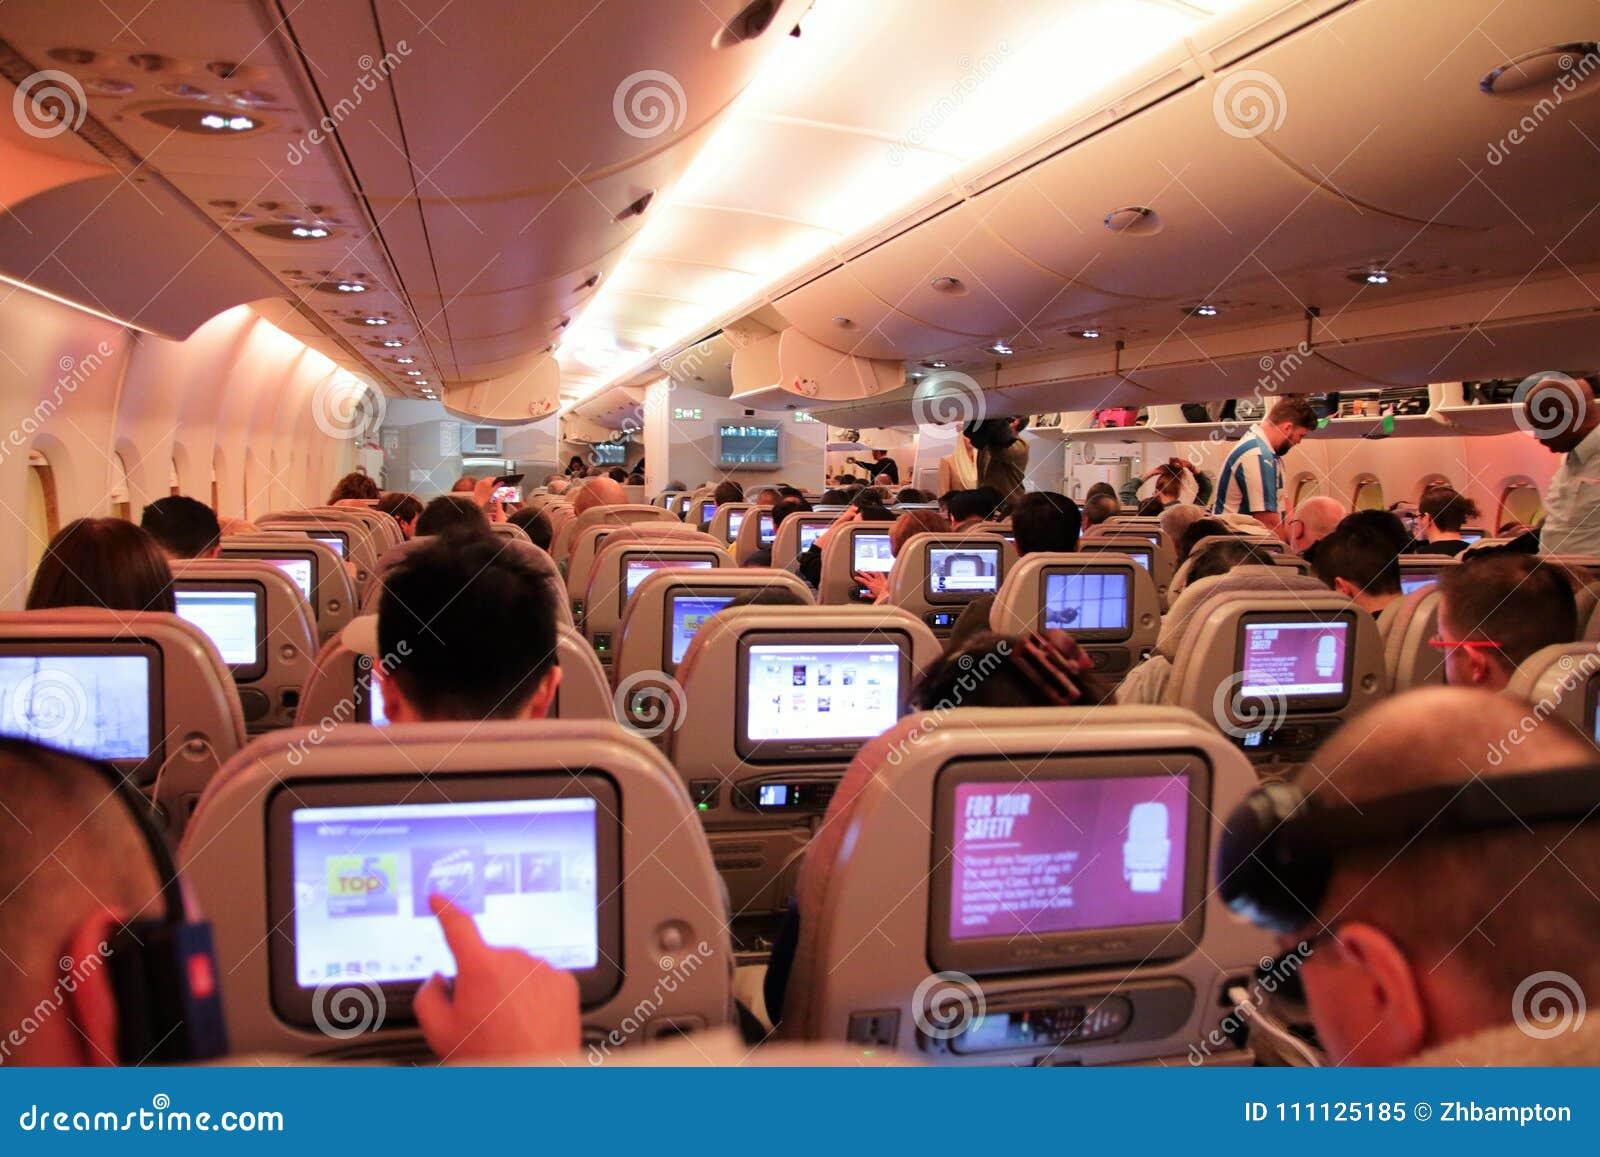 Pasajeros en un vuelo de la economía que muestra los asientos y las pantallas táctiles